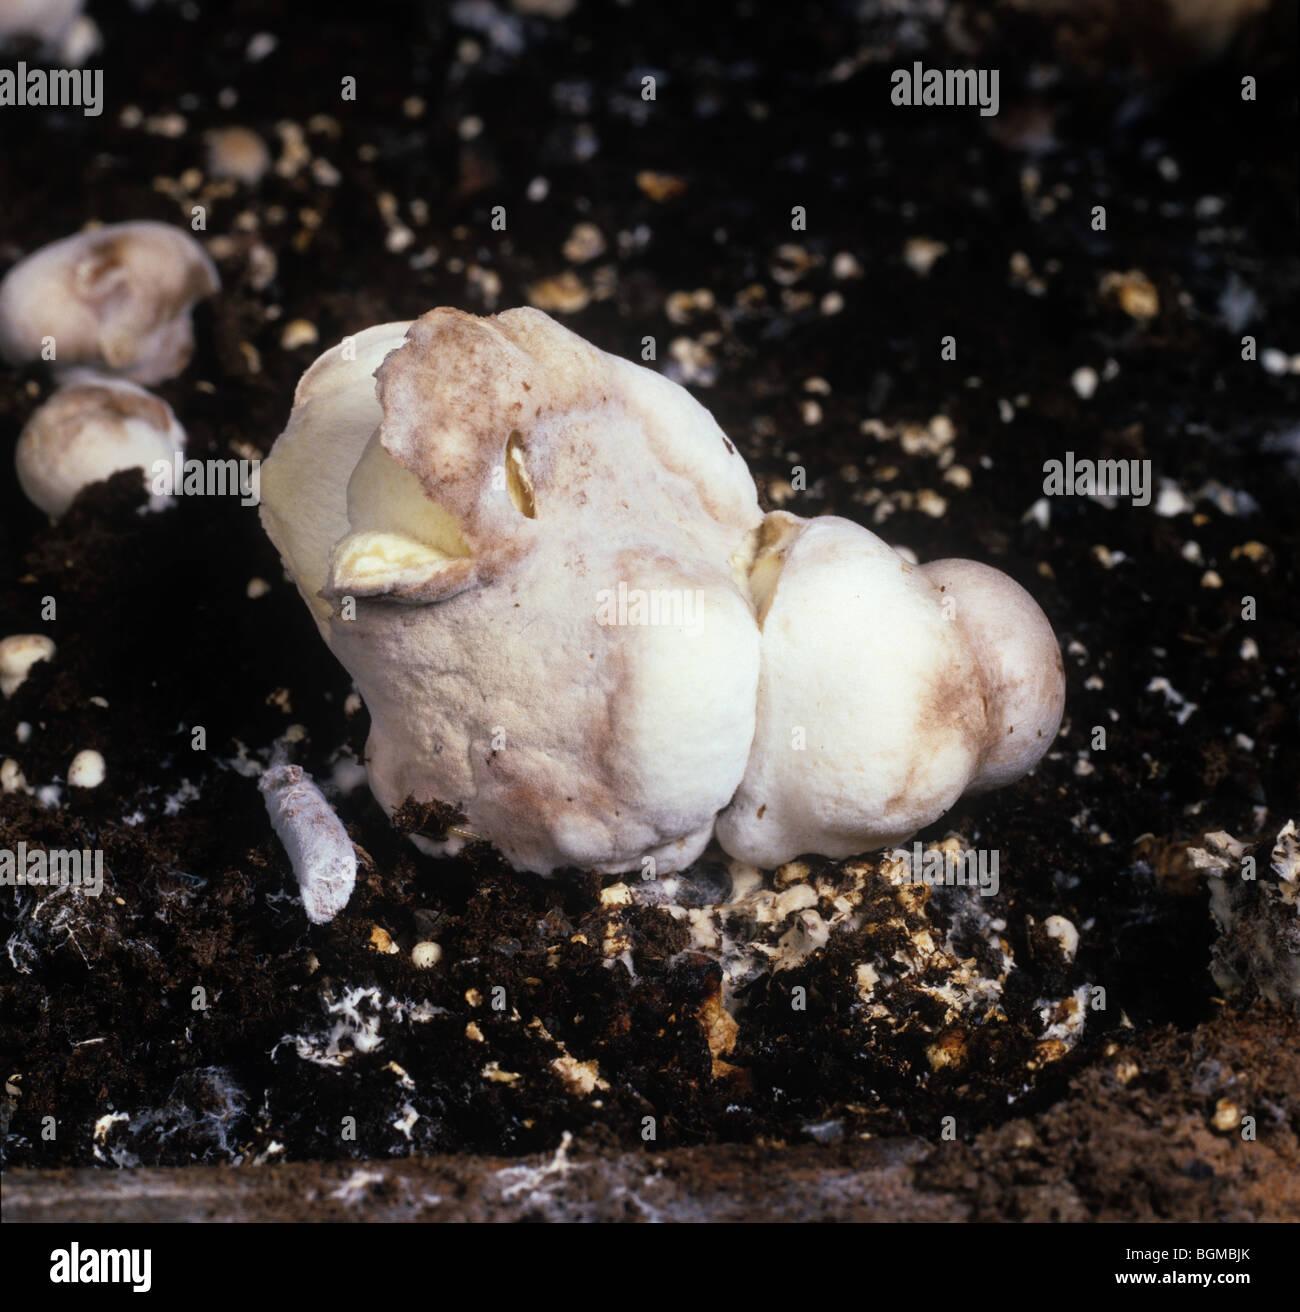 Symptôme de maladie de la bulle à sec (Verticillium fungicola) sur les champignons cultivés commercialement Photo Stock